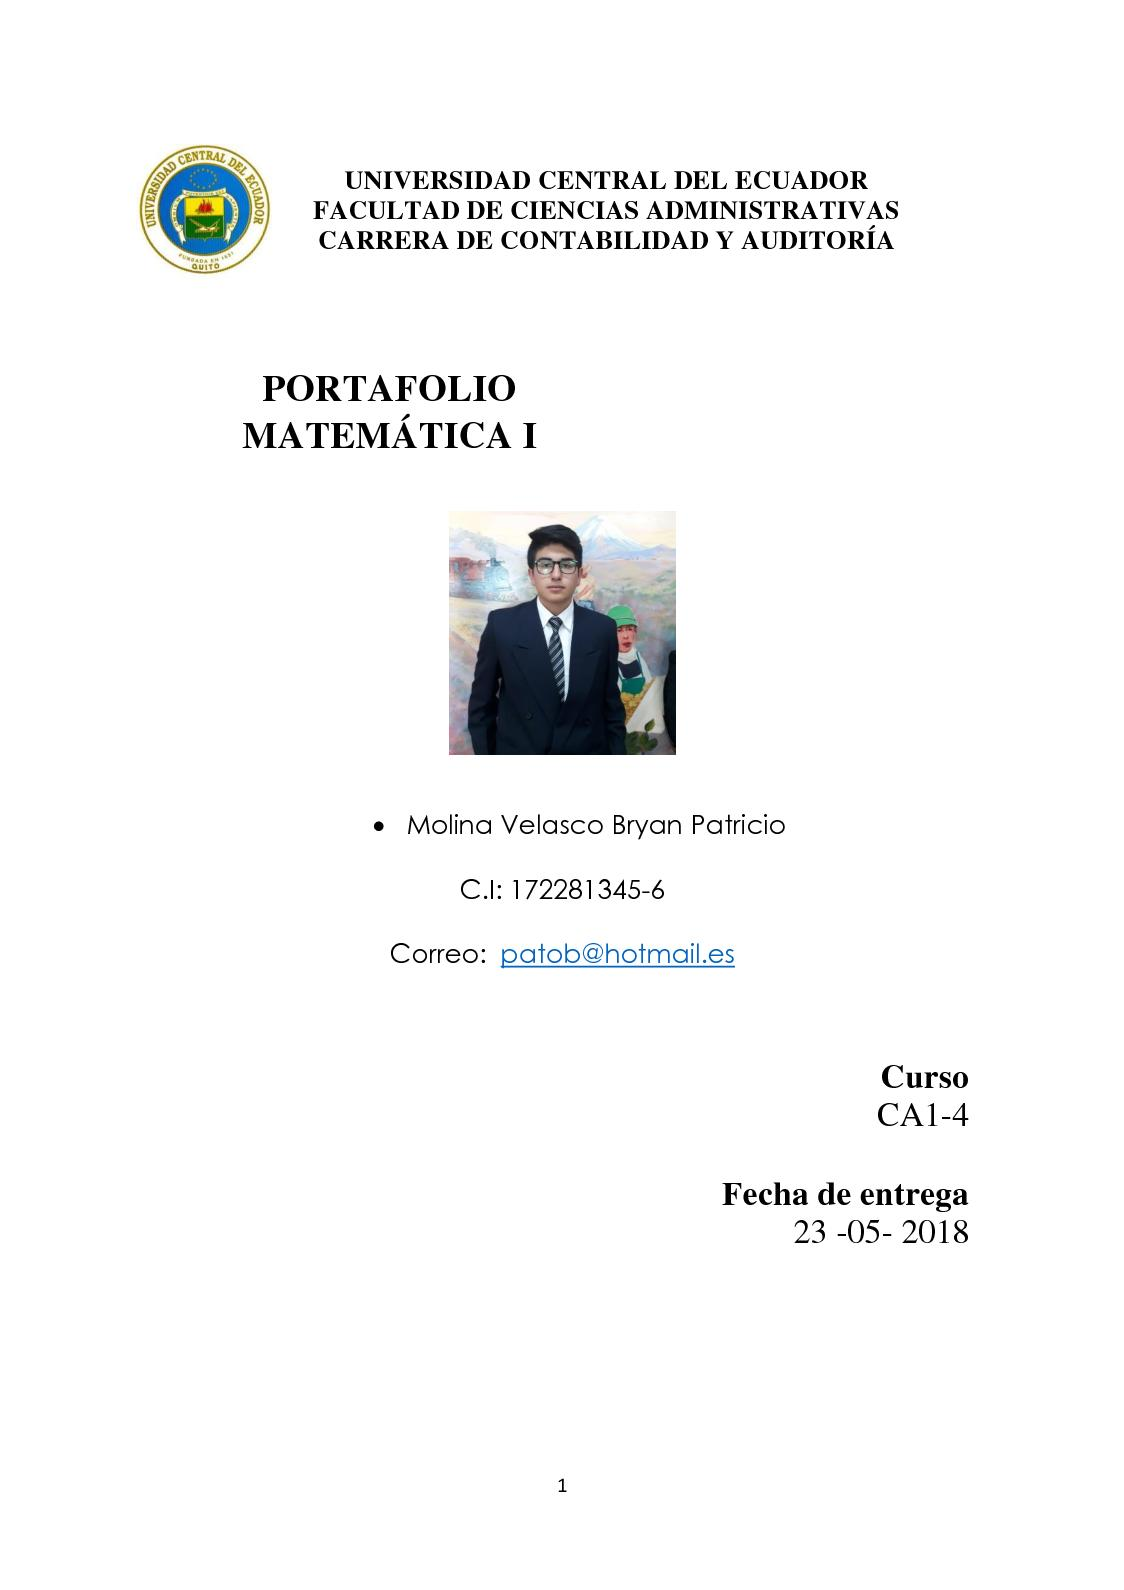 Portafolio Matemáticas 1 CA1-4